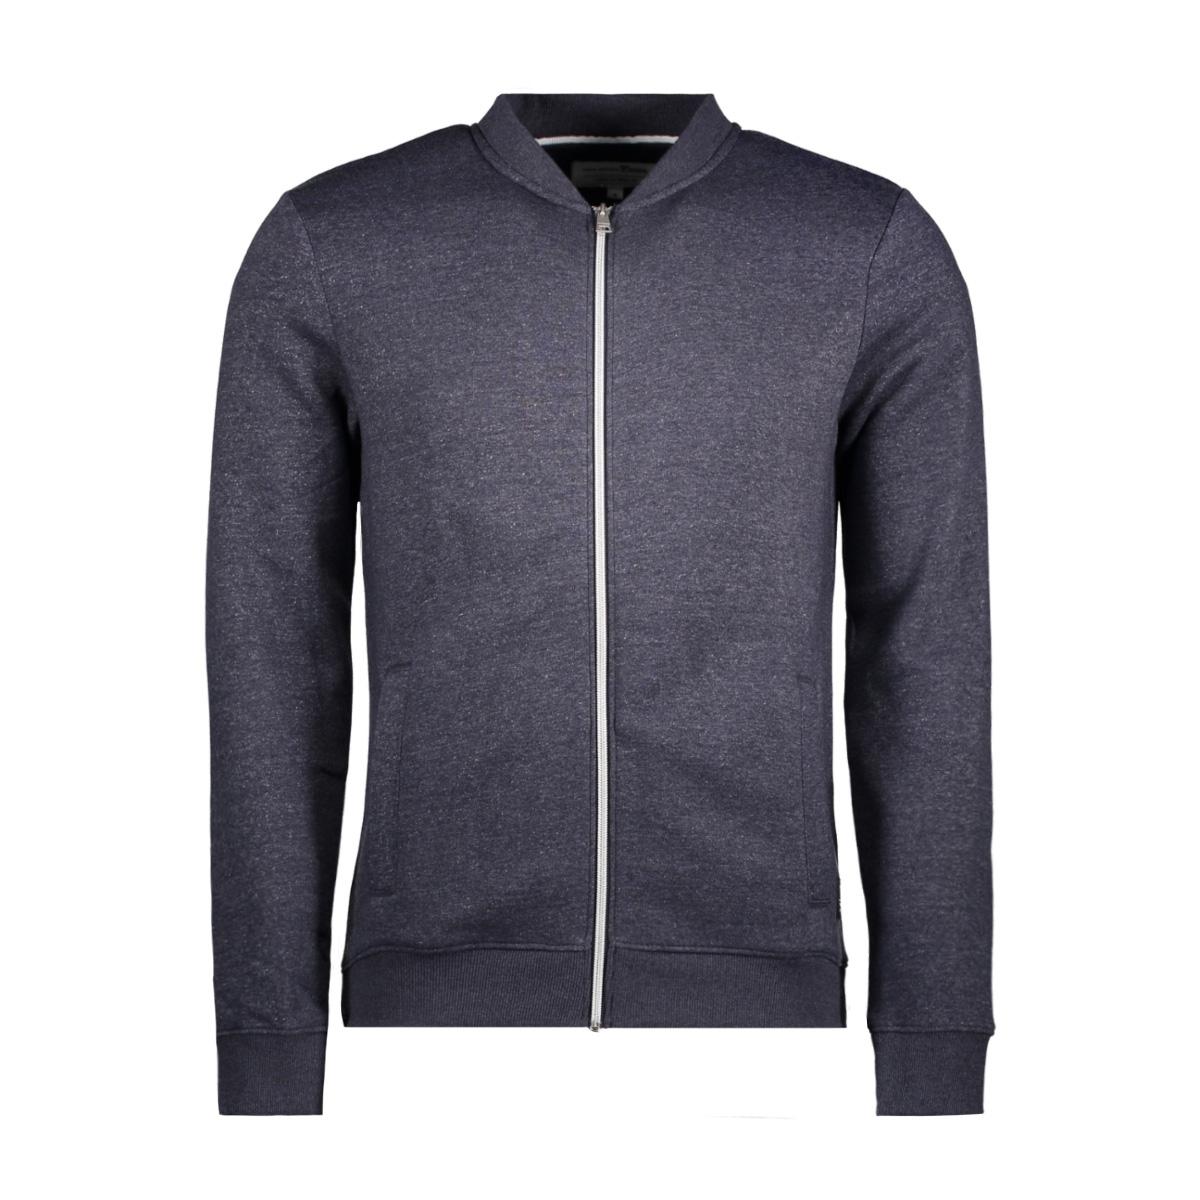 2555163.09.12 tom tailor vest 6576